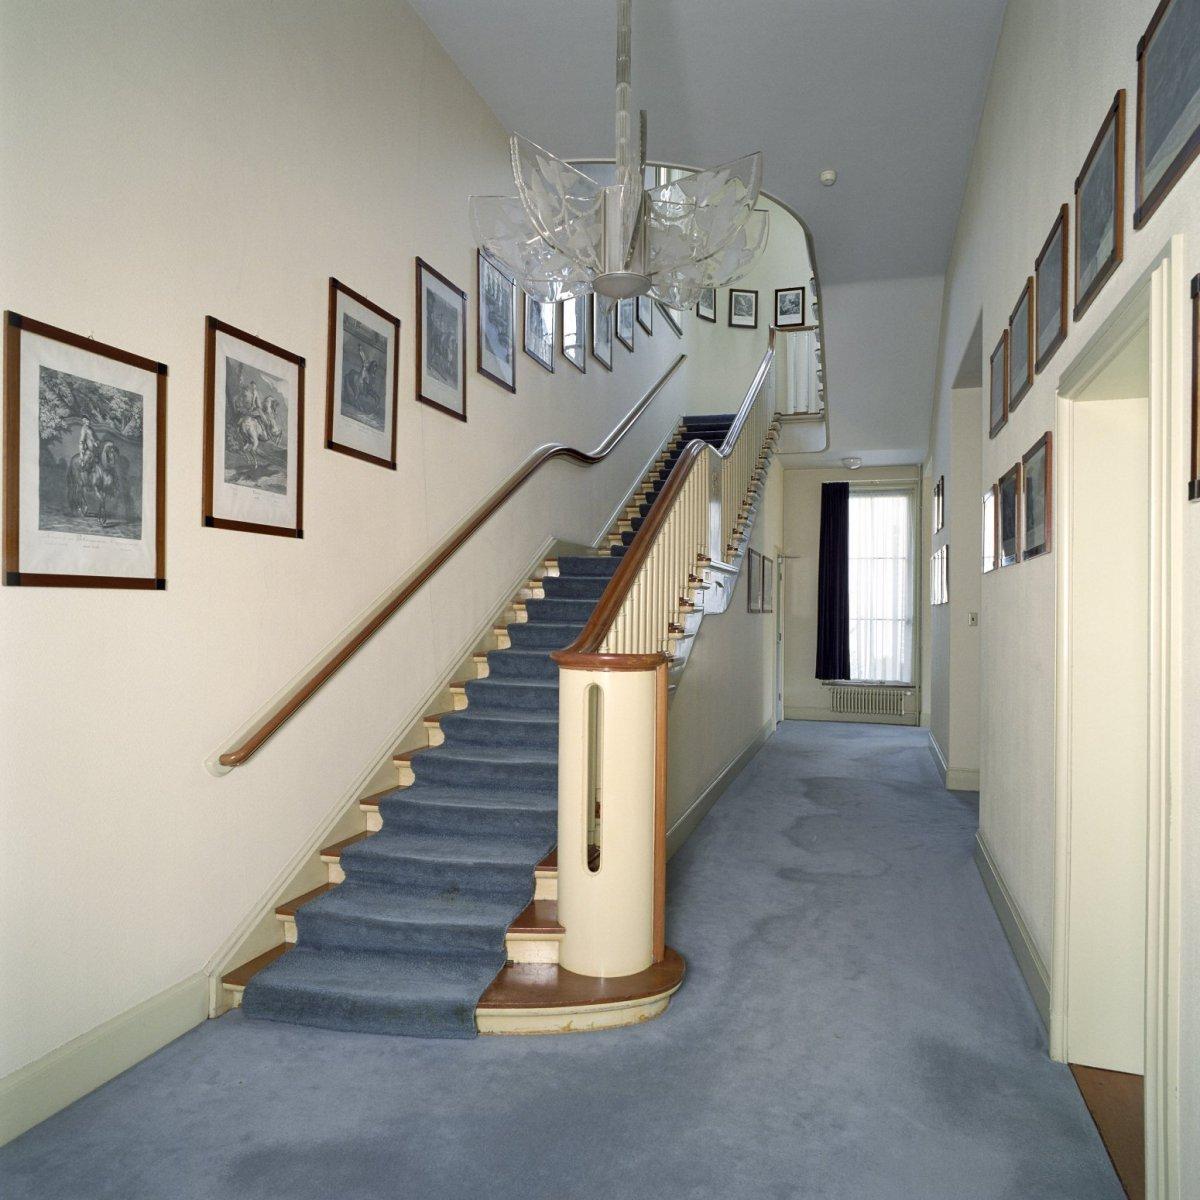 File interieur overzicht van de blauwe gang met trap gelegen aan de voorzijde van het - Model interieur trap ...